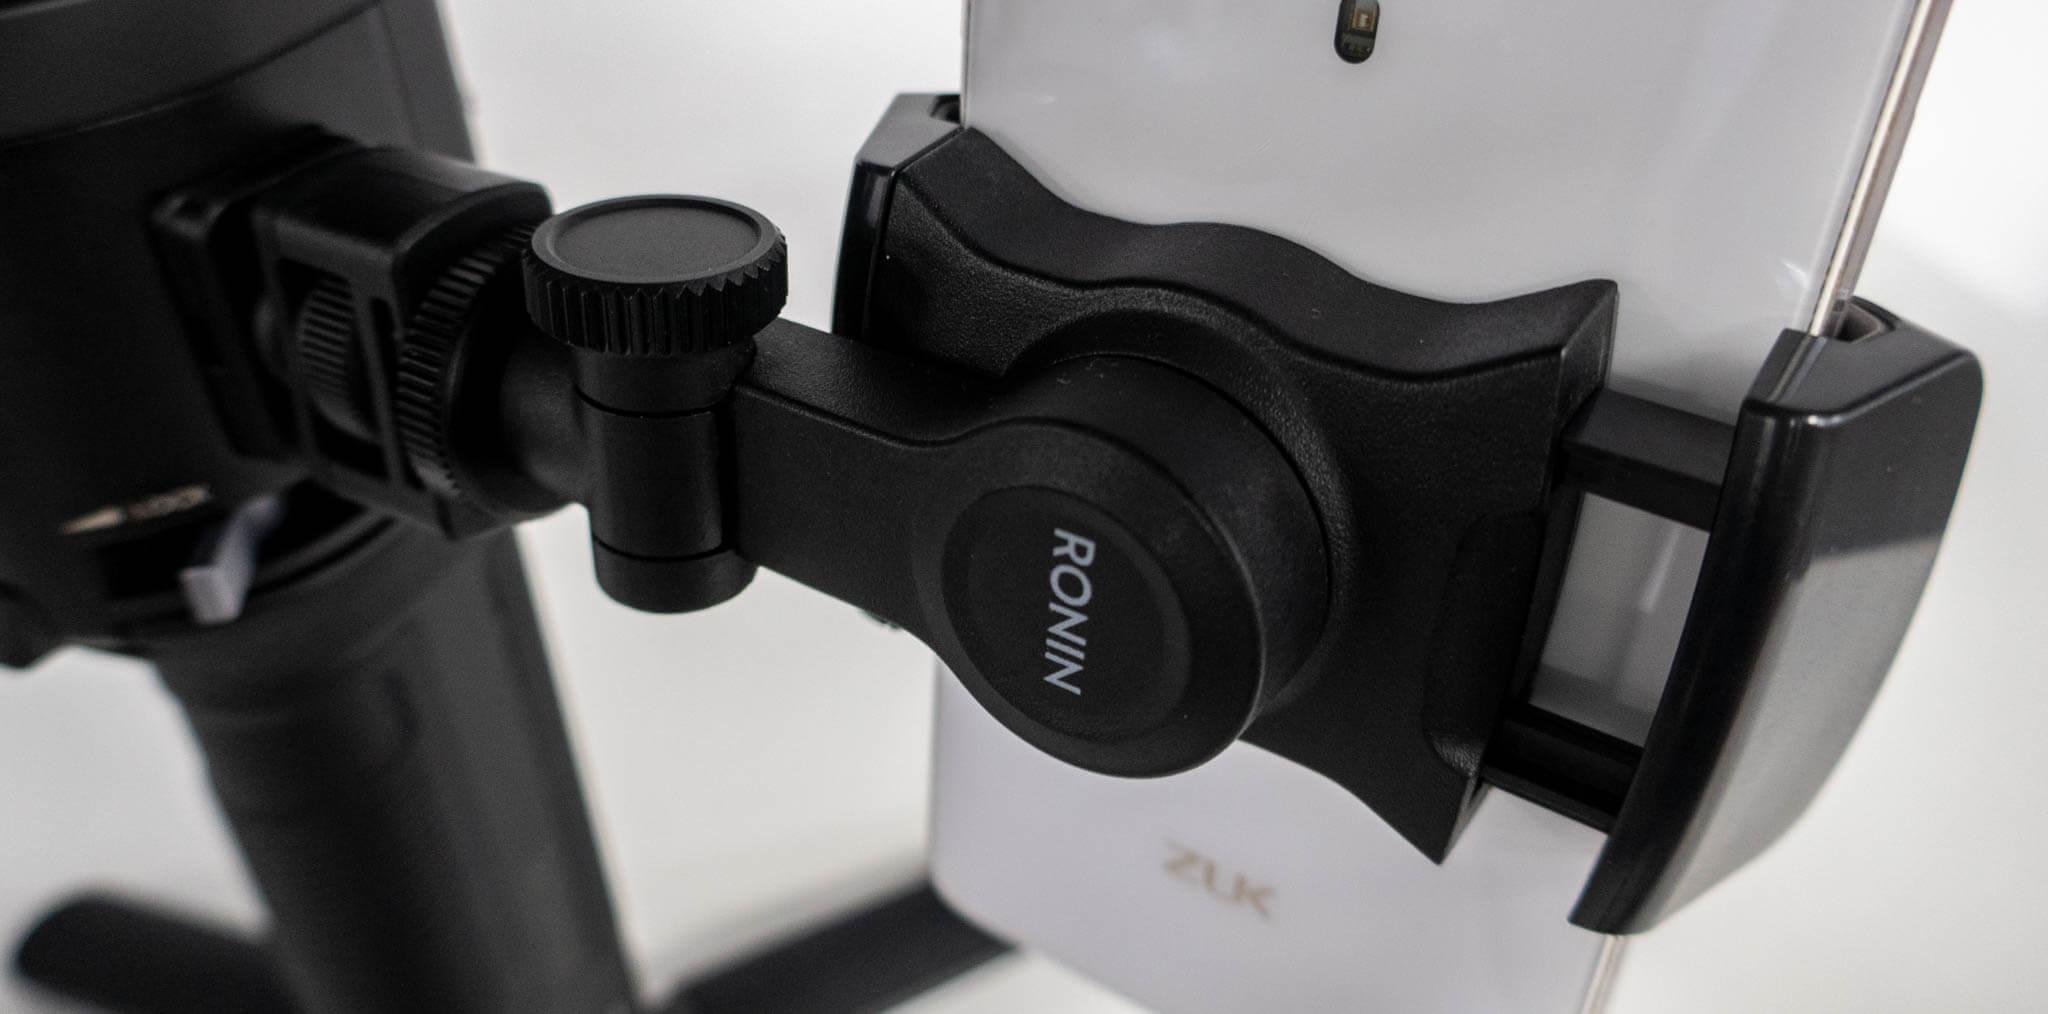 Ronin-SC Phone Holder